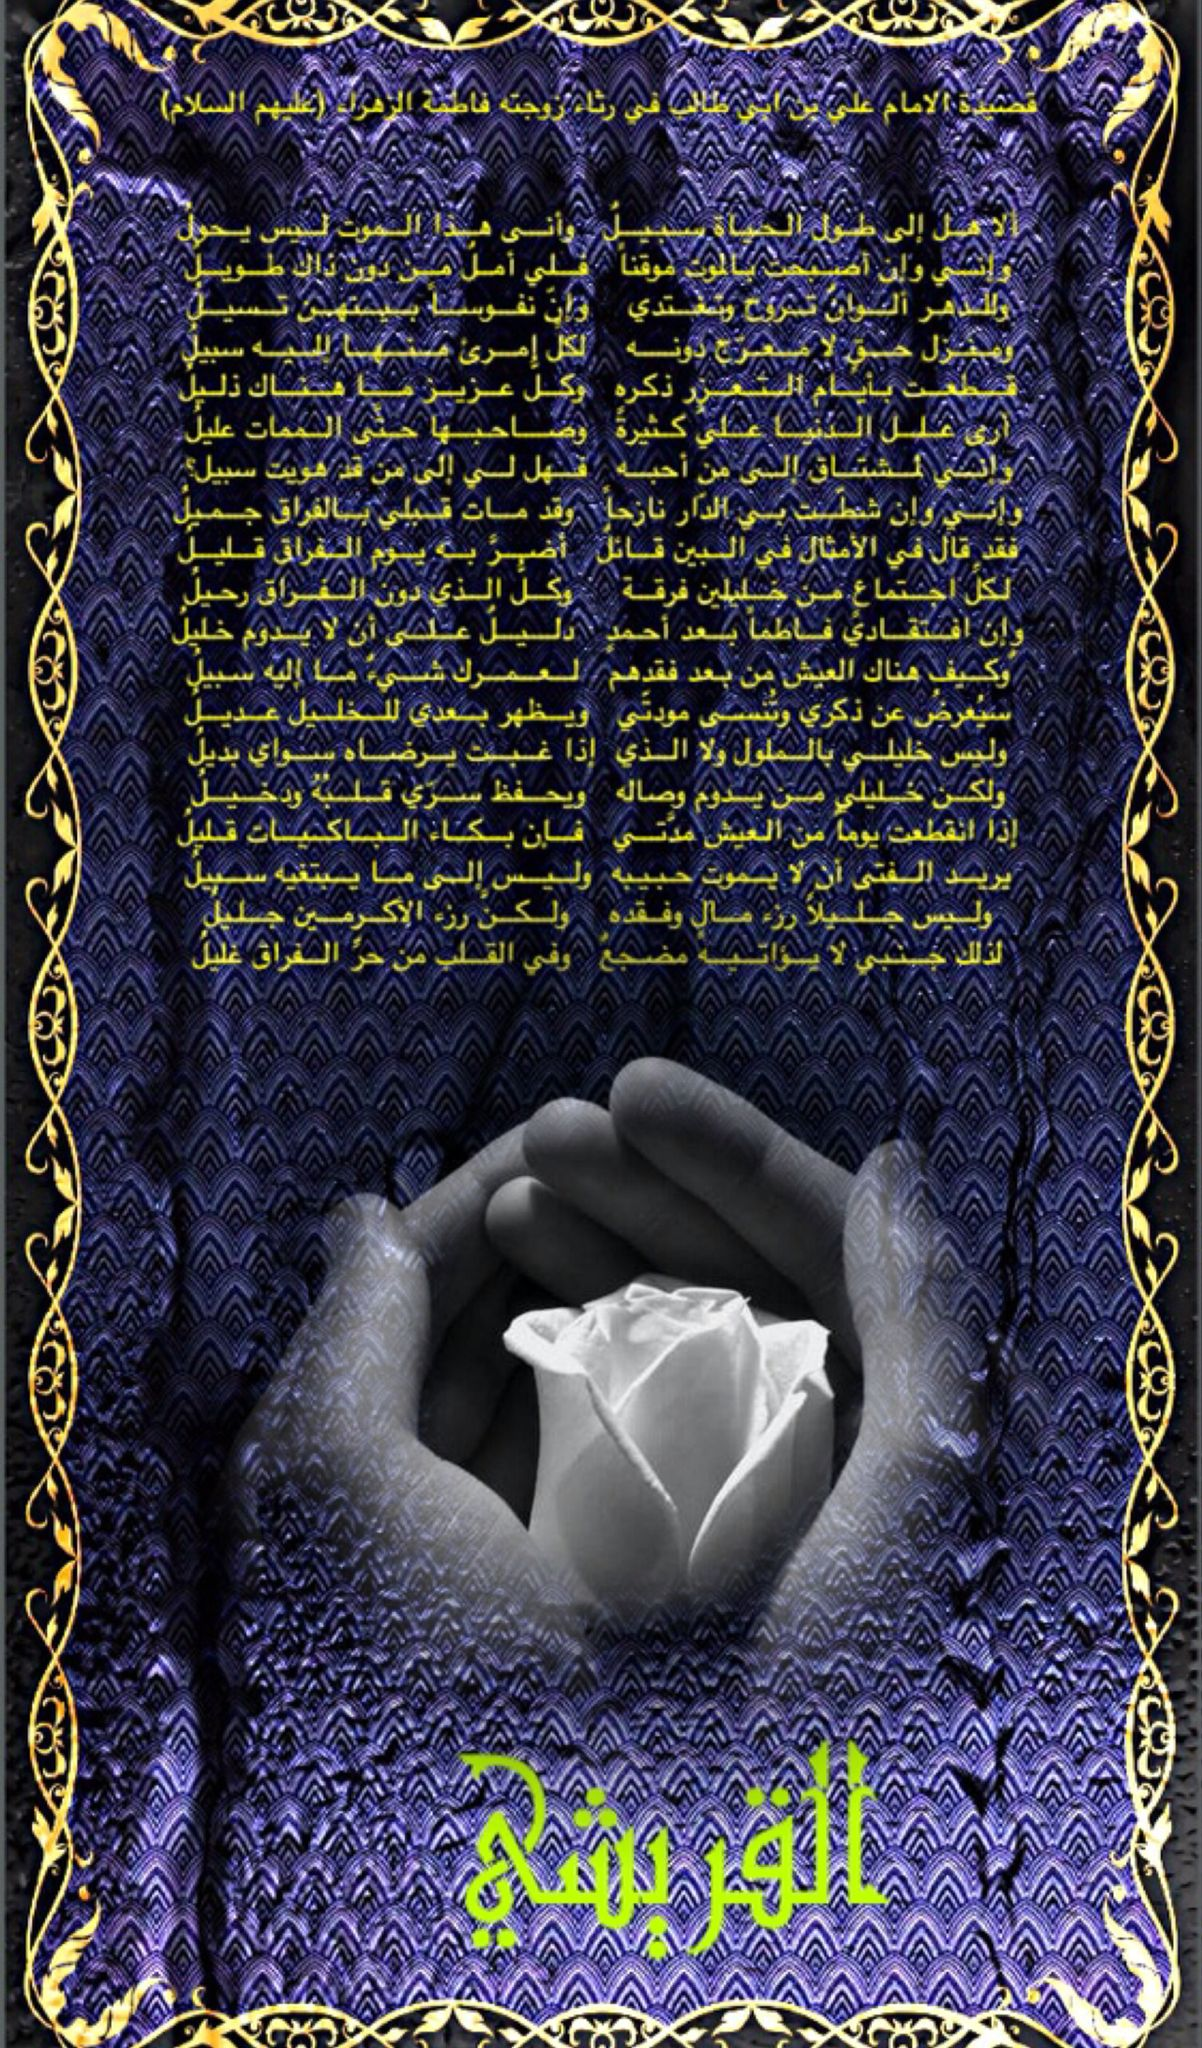 قصيدة الامام علي بن ابي طالب في رثاء زوجته فاطمة الزهراء عليهما السلام Quotes Movie Posters Poster